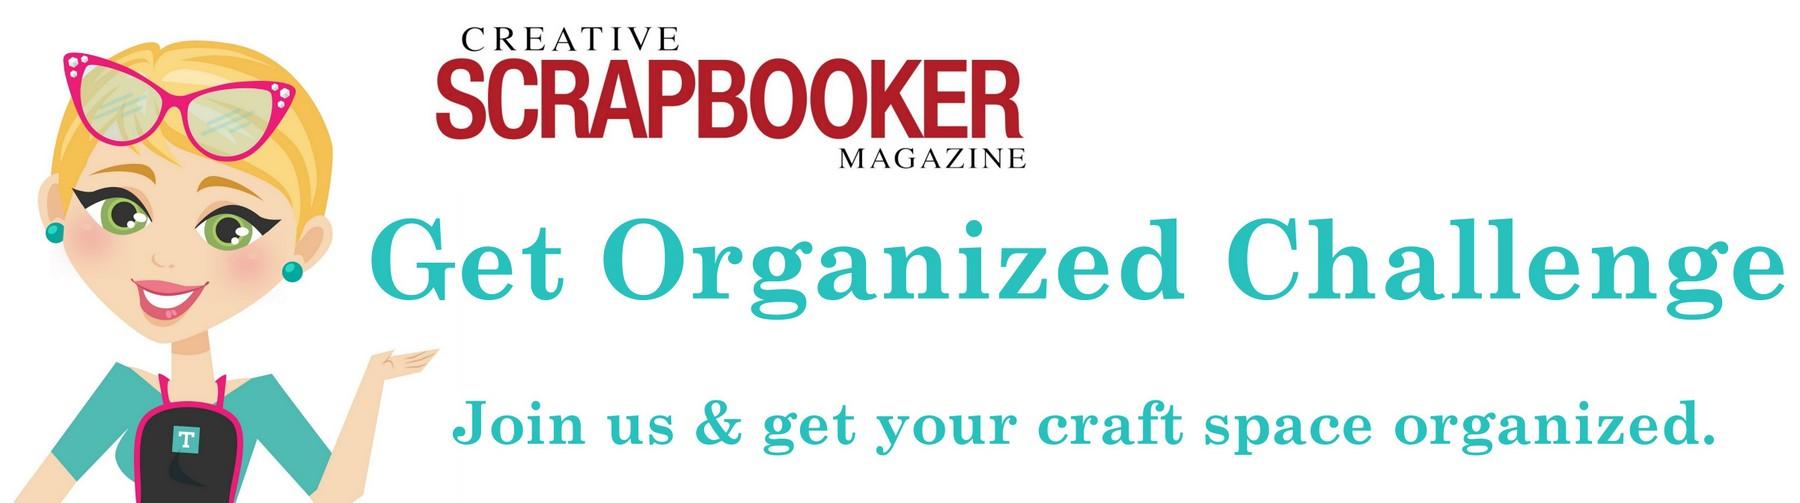 get organized challenge header